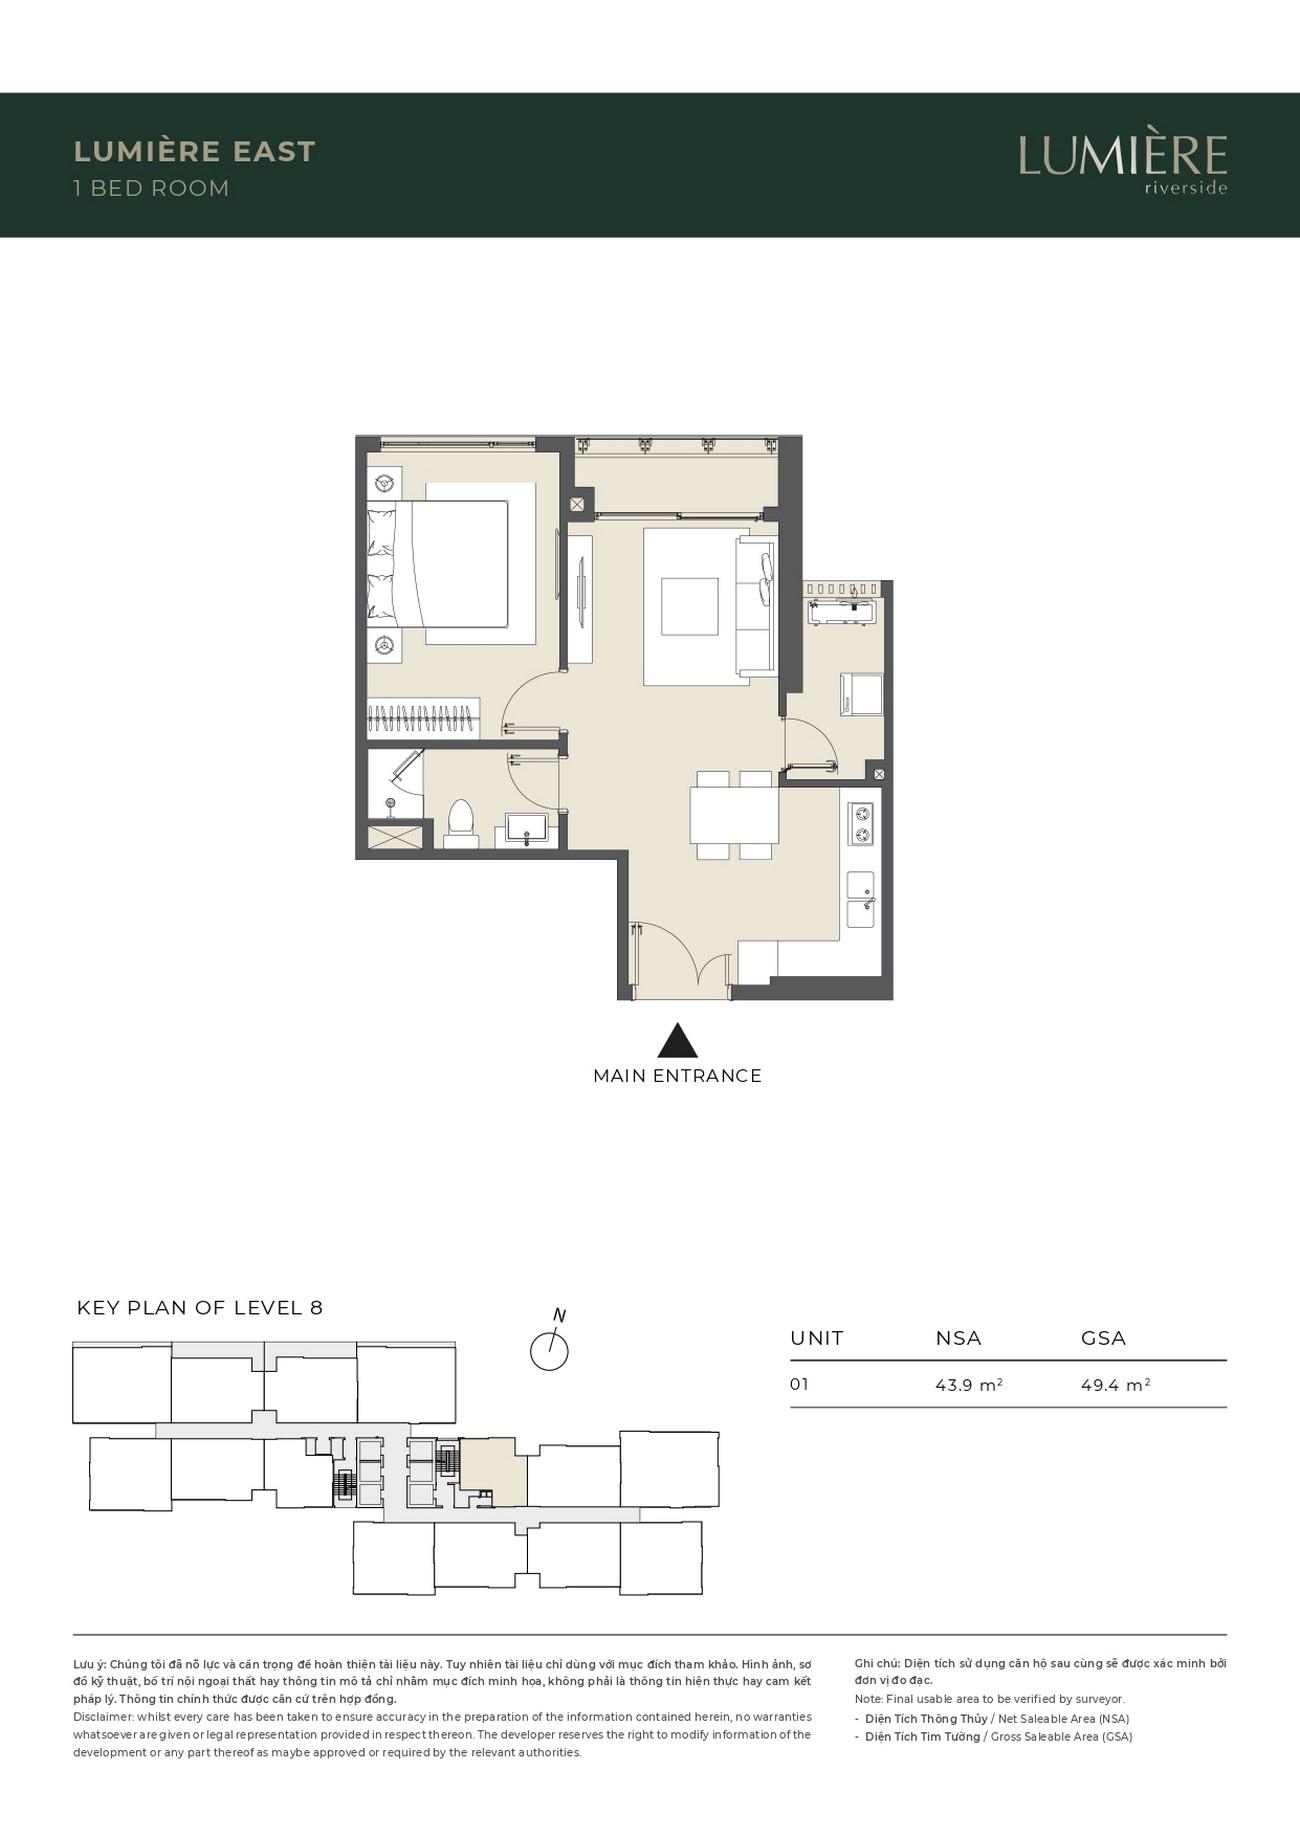 Thiết kế Masteri Lumière Riverside Quận 2 : Căn hộ 2 phòng ngủ tòa Lumiere East